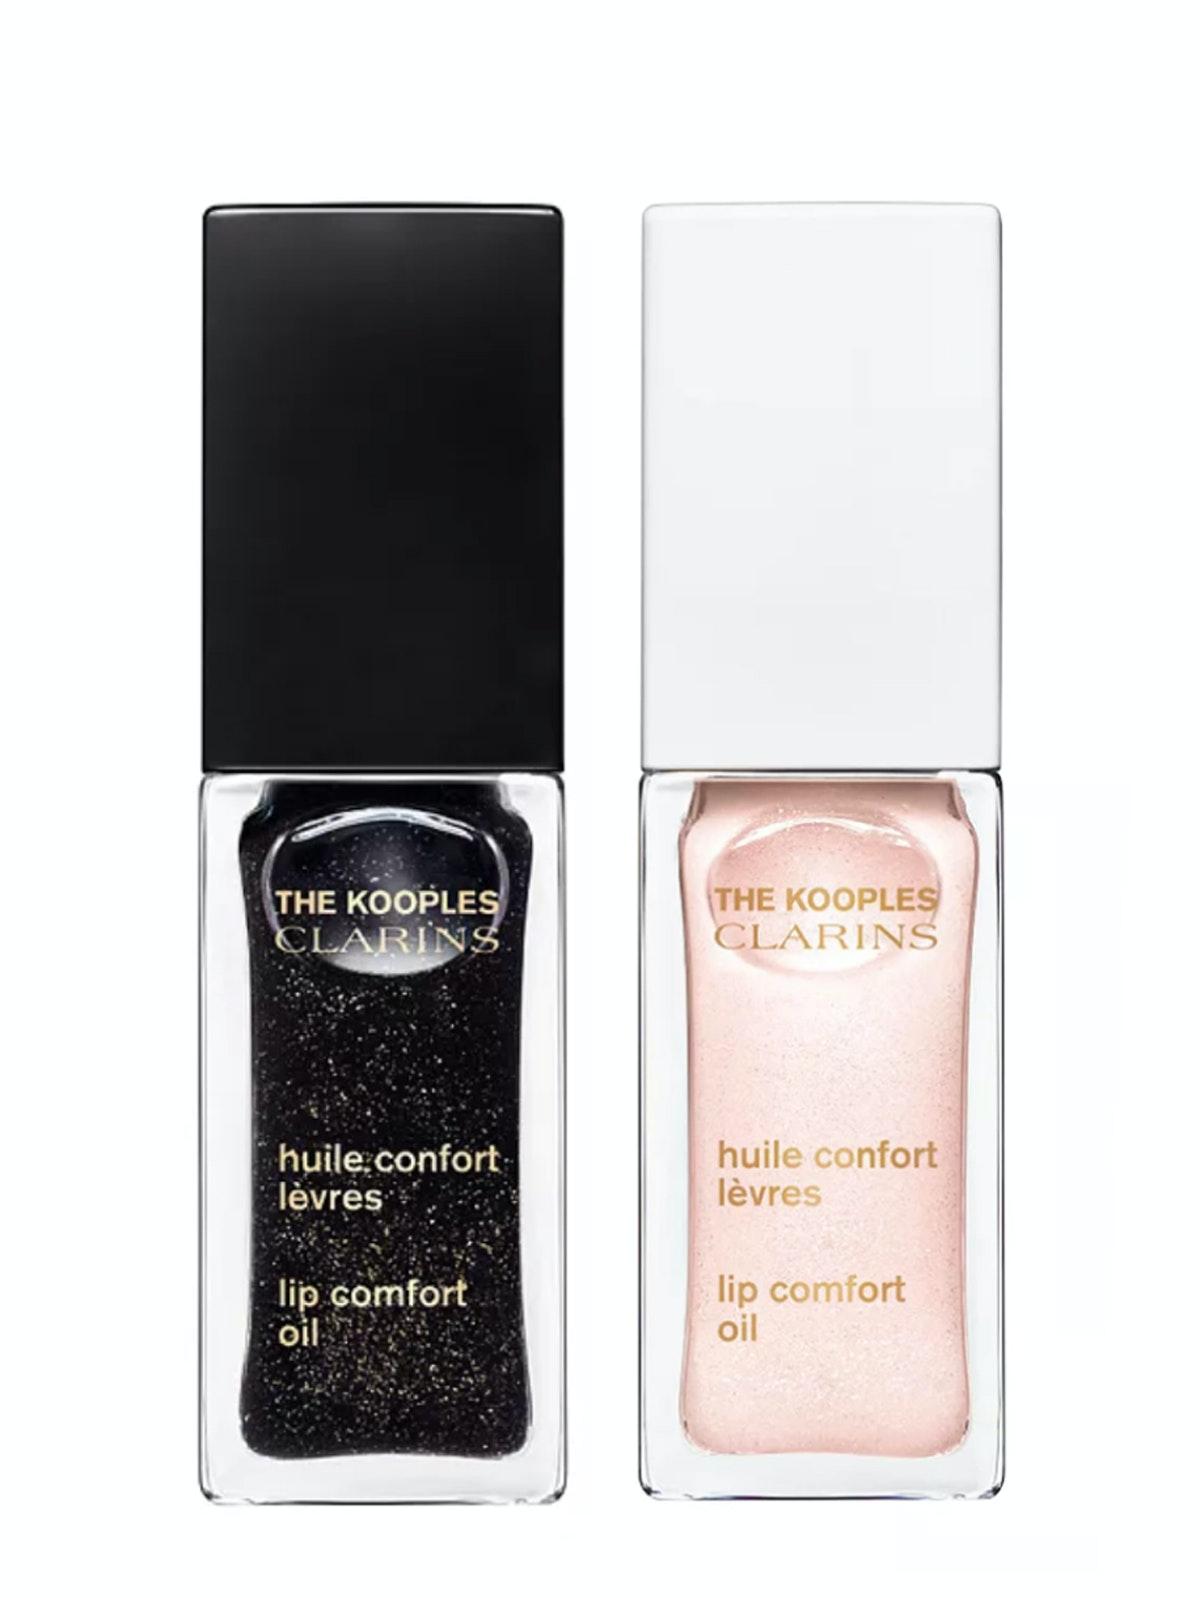 Clarins x The Kooples Lip Comfort Oil